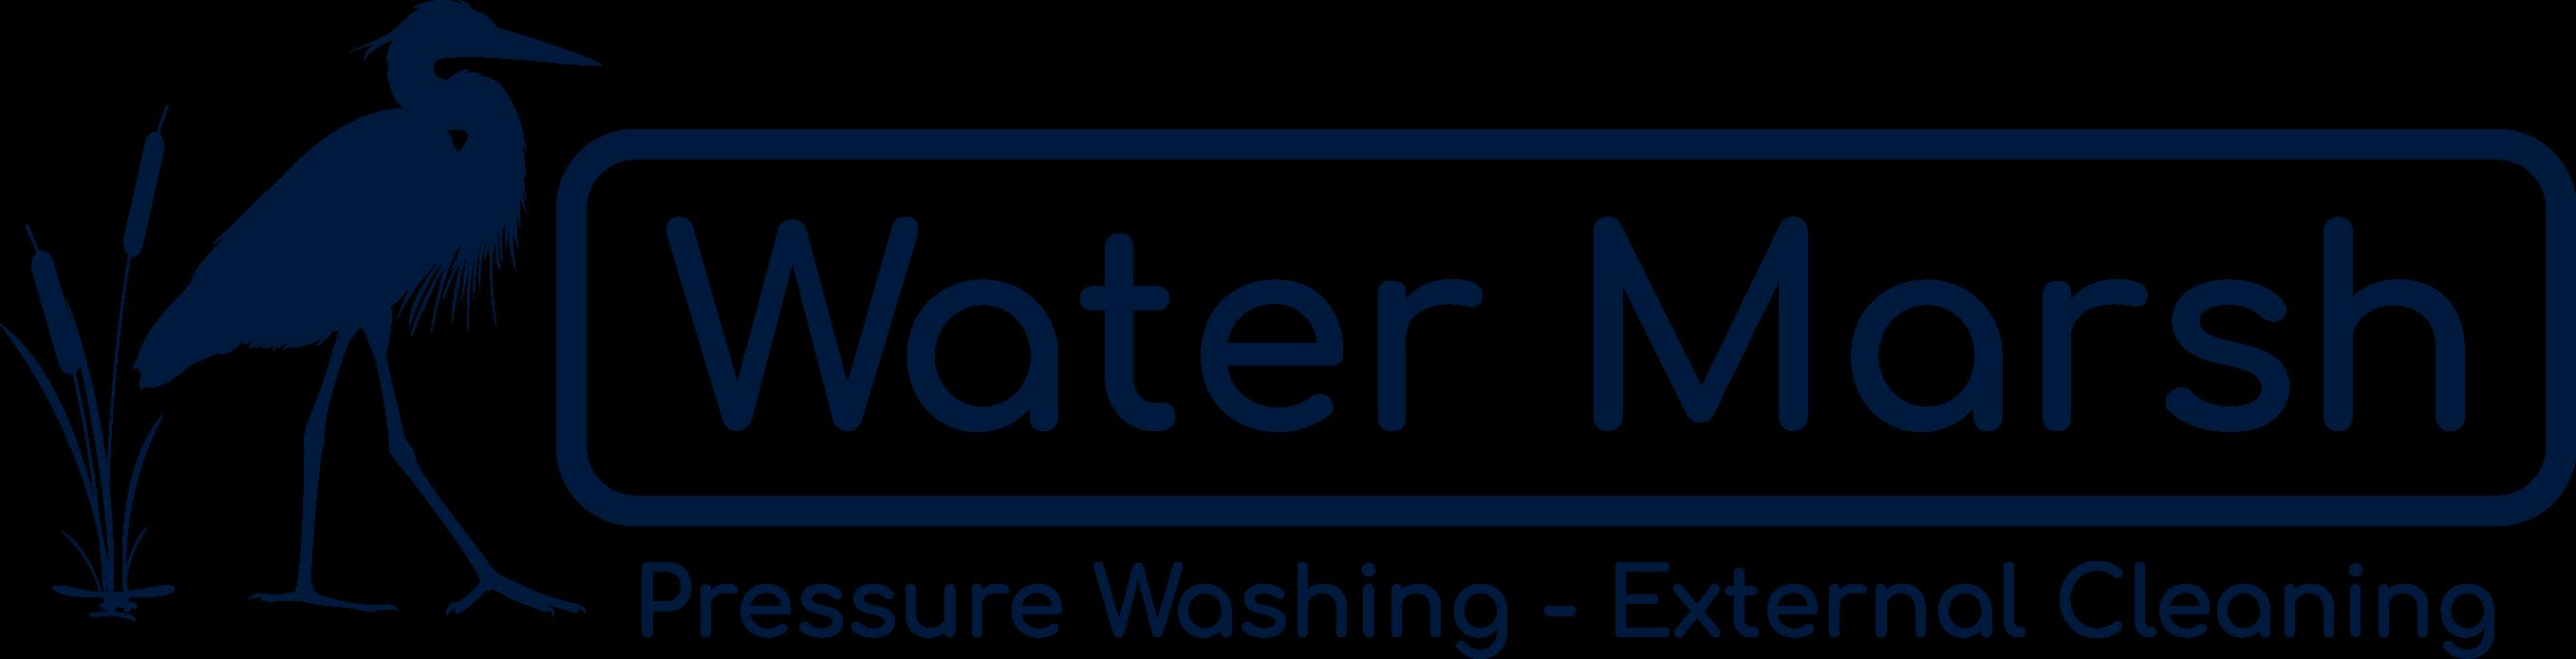 Water Marsh